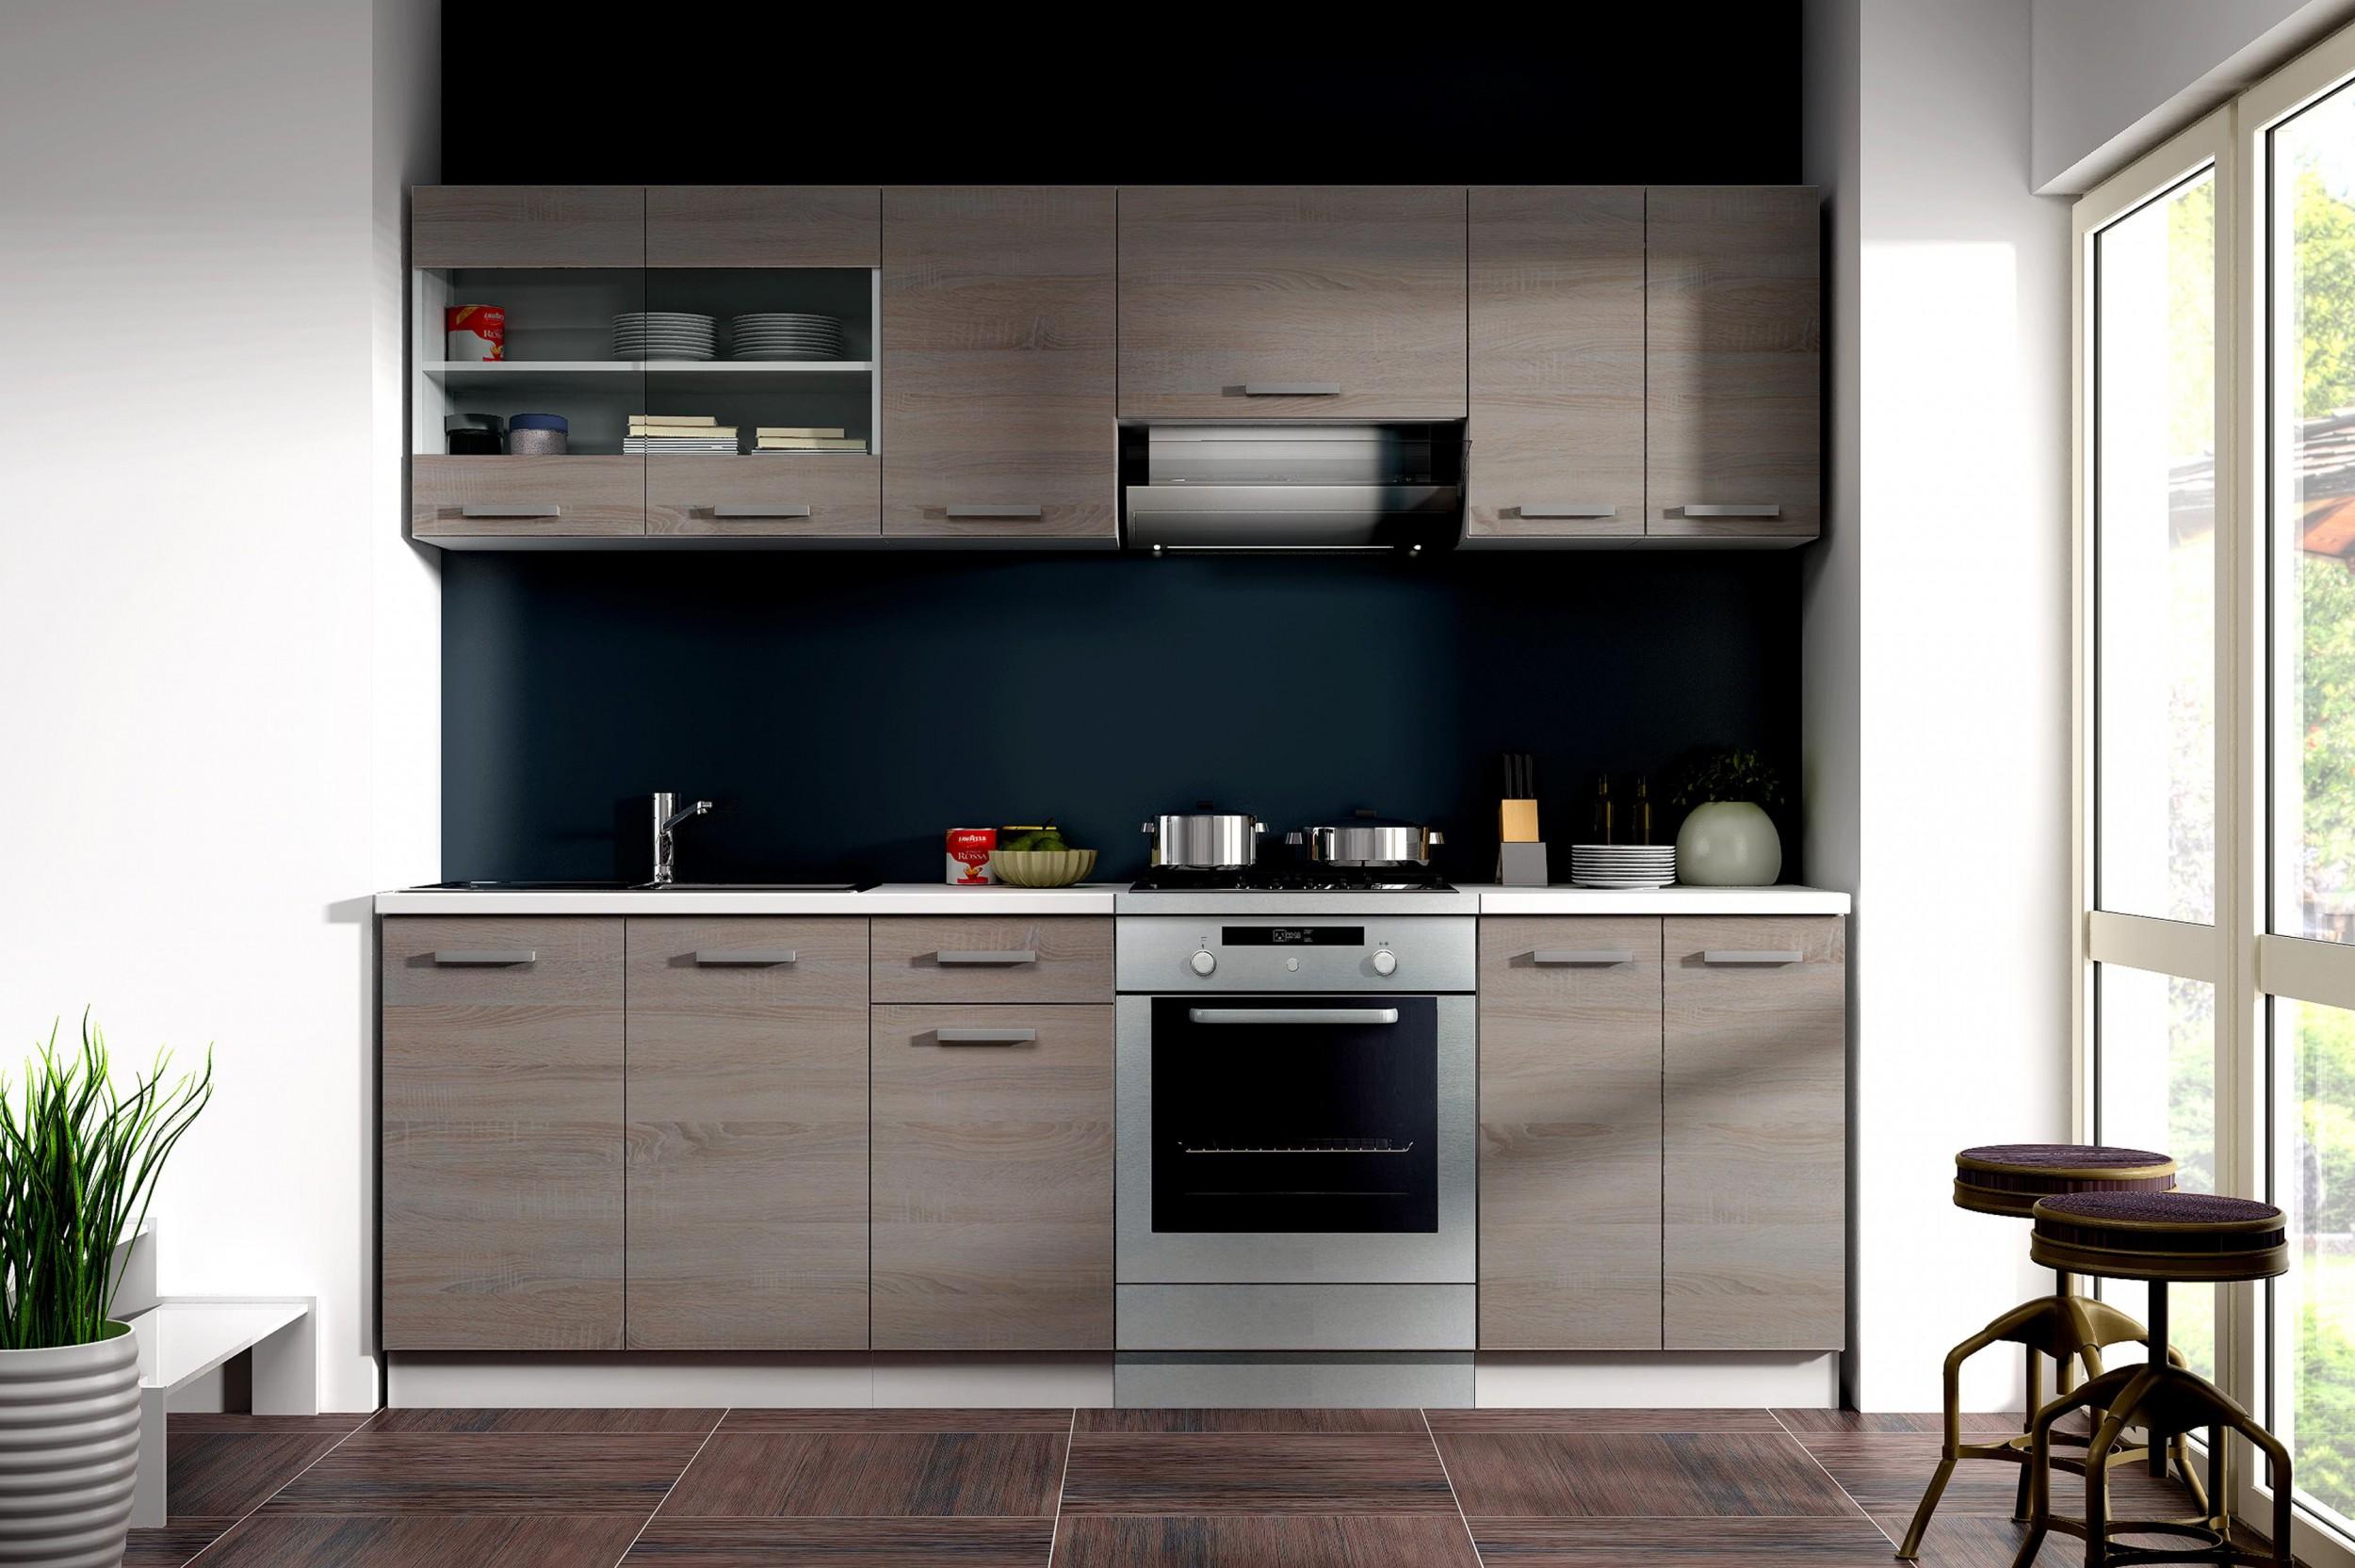 Full Size of Einbauküche Billig Küche Holz Billig Küche Klein Billig Küche Billig Planen Küche Küche Billig